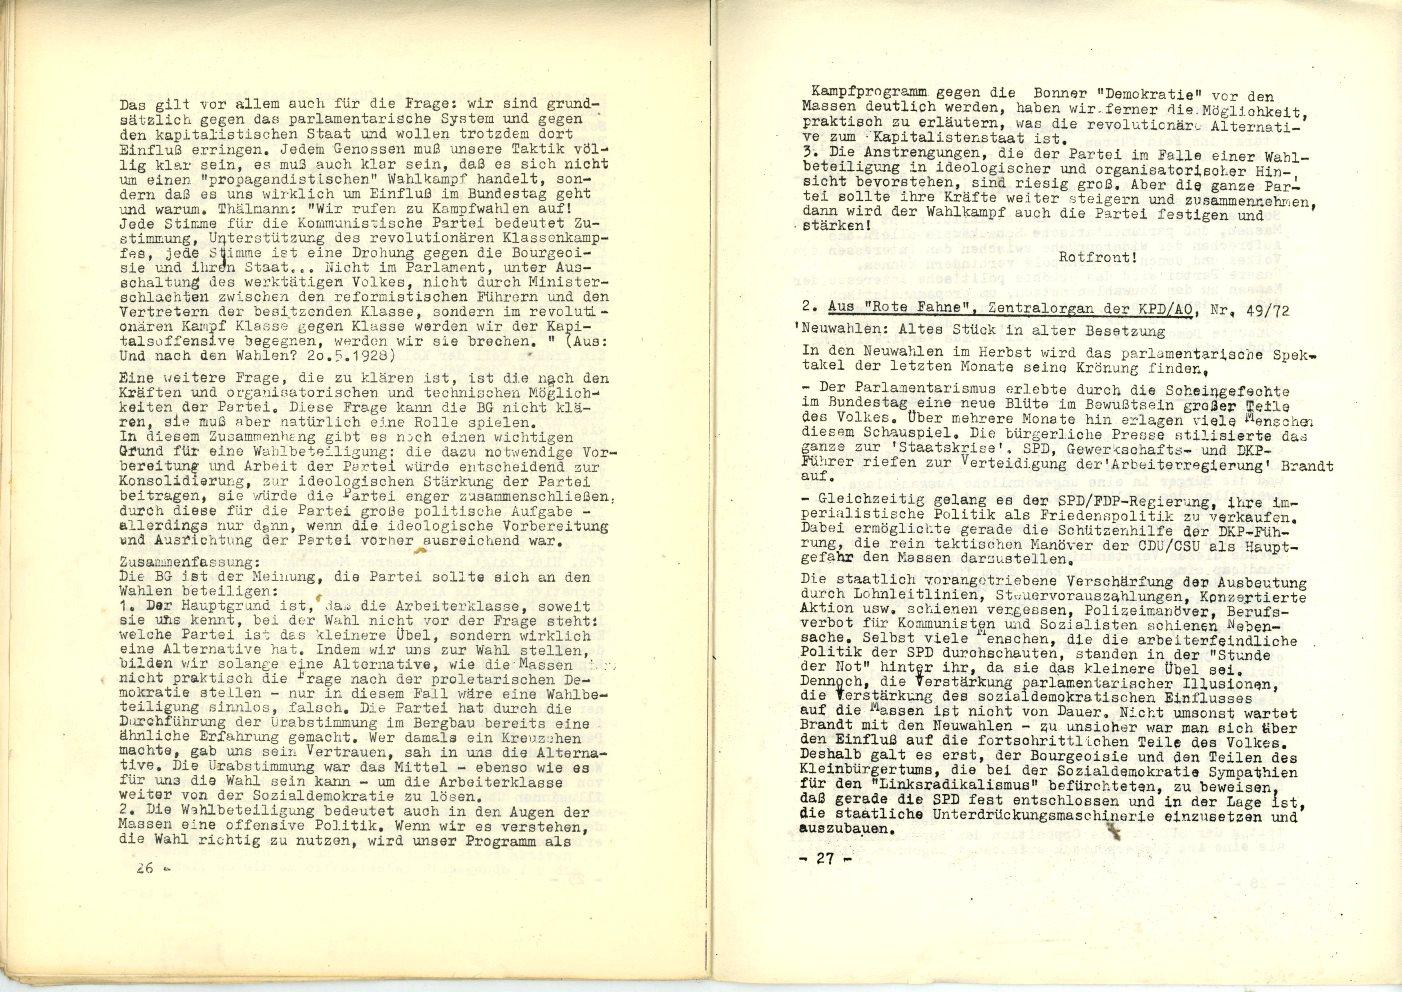 ZB_Rahmenplan_19720804_15